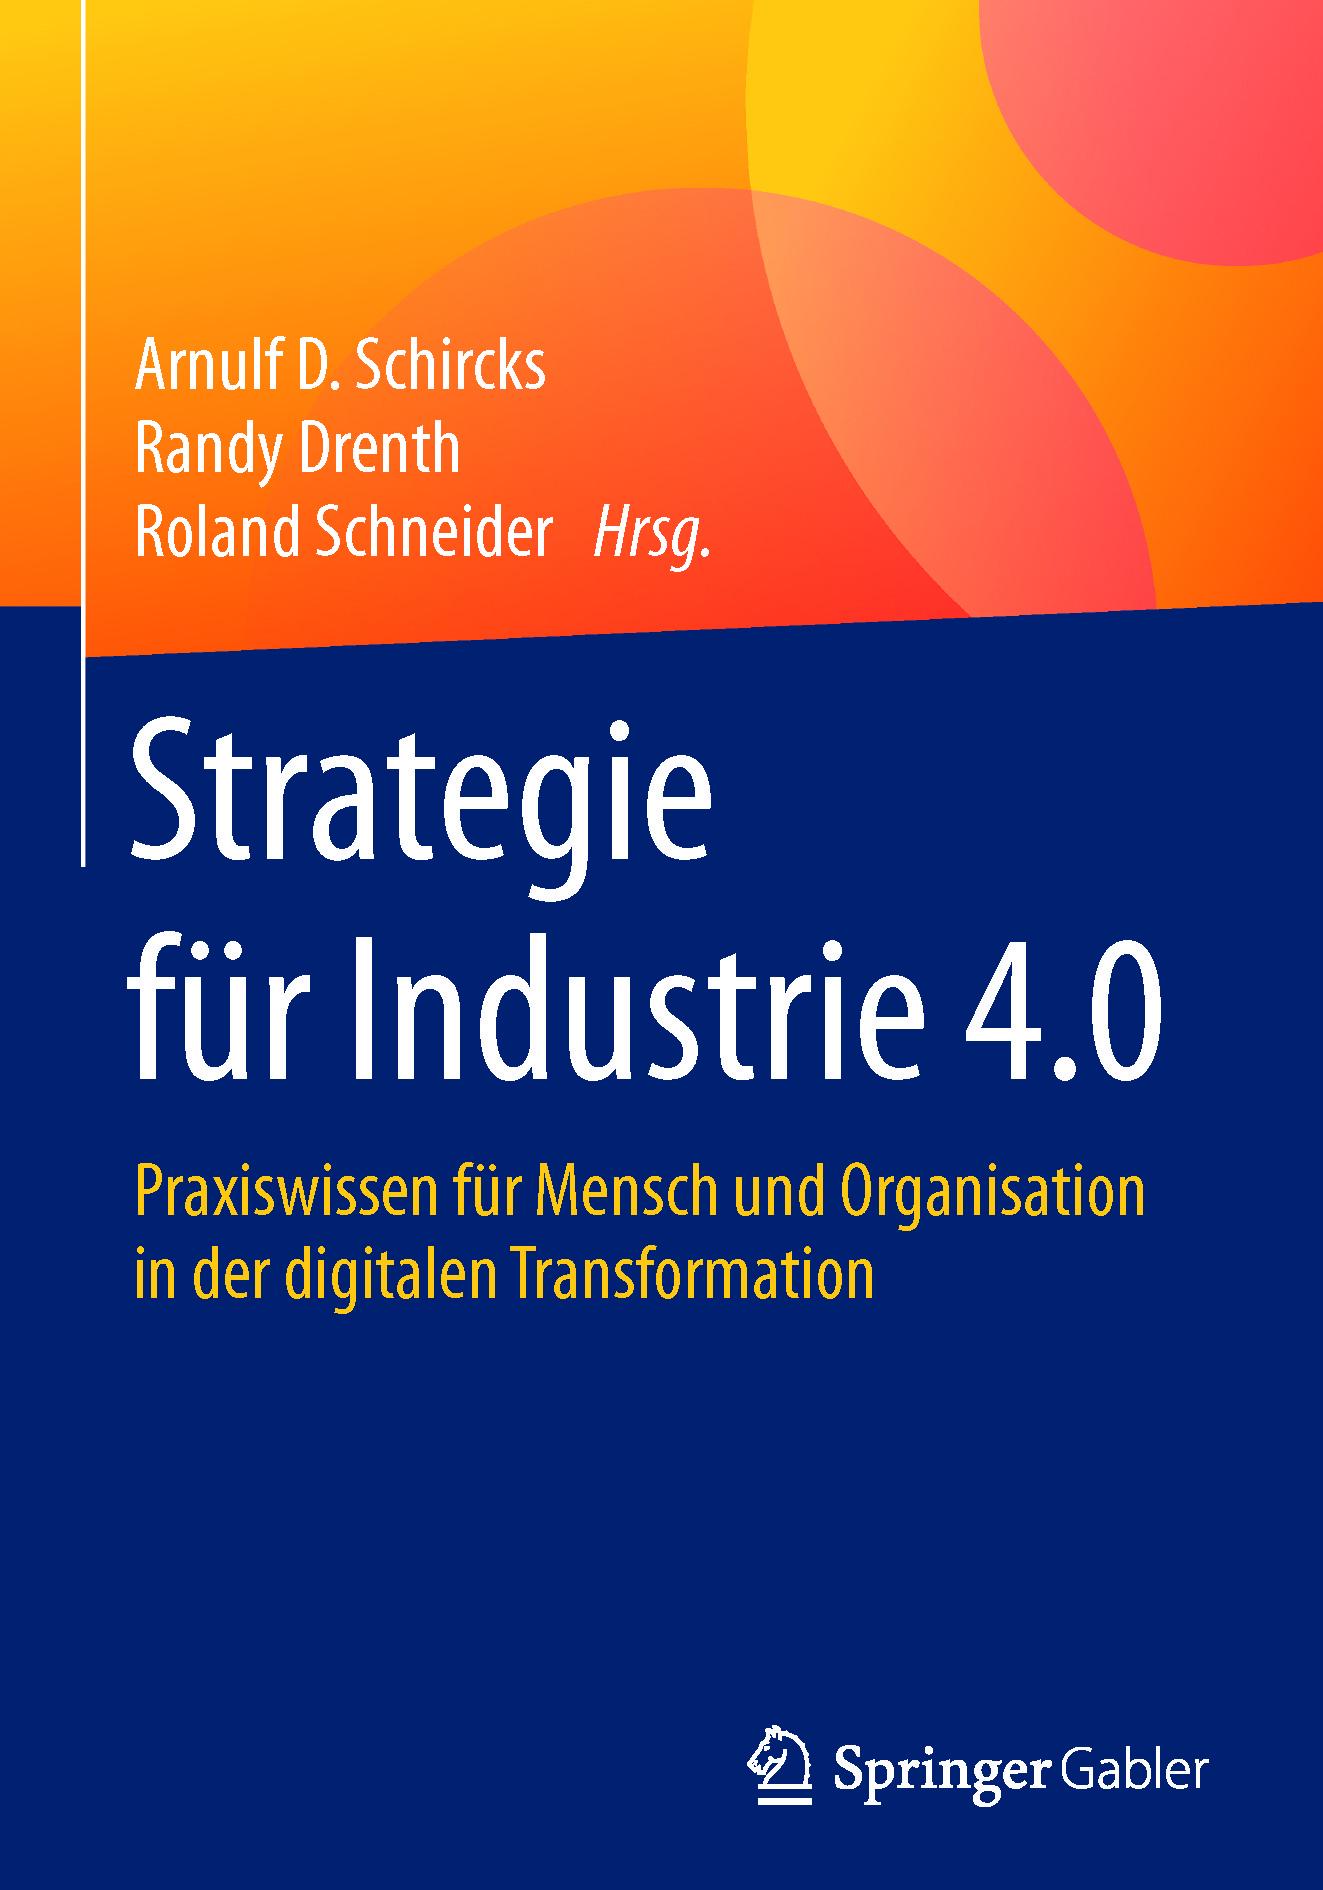 Drenth, Randy - Strategie für Industrie 4.0, ebook